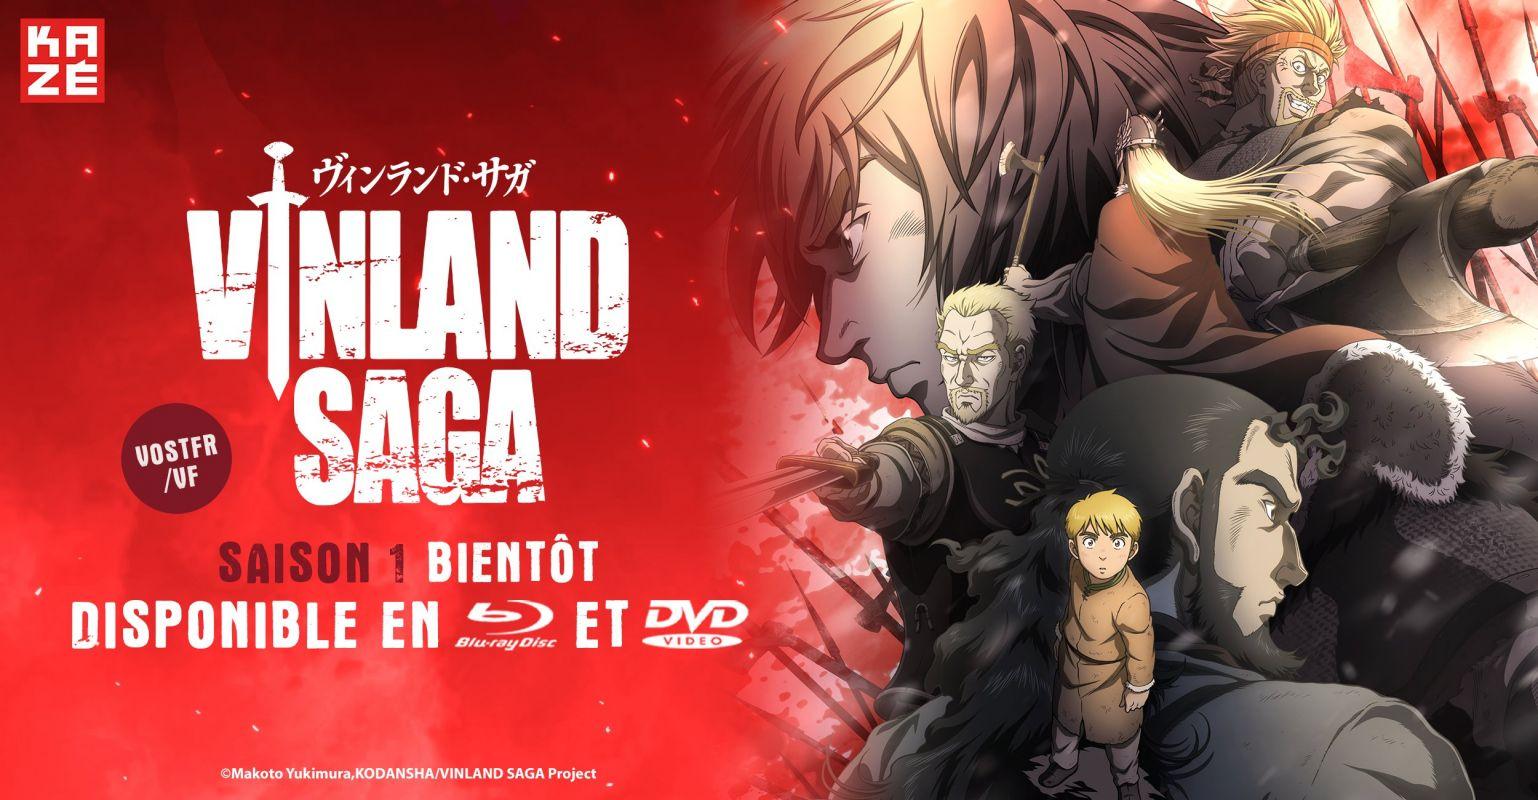 Trois nouveaux animés débarquent en DVD et blu-ray en 2021 chez Kazé !